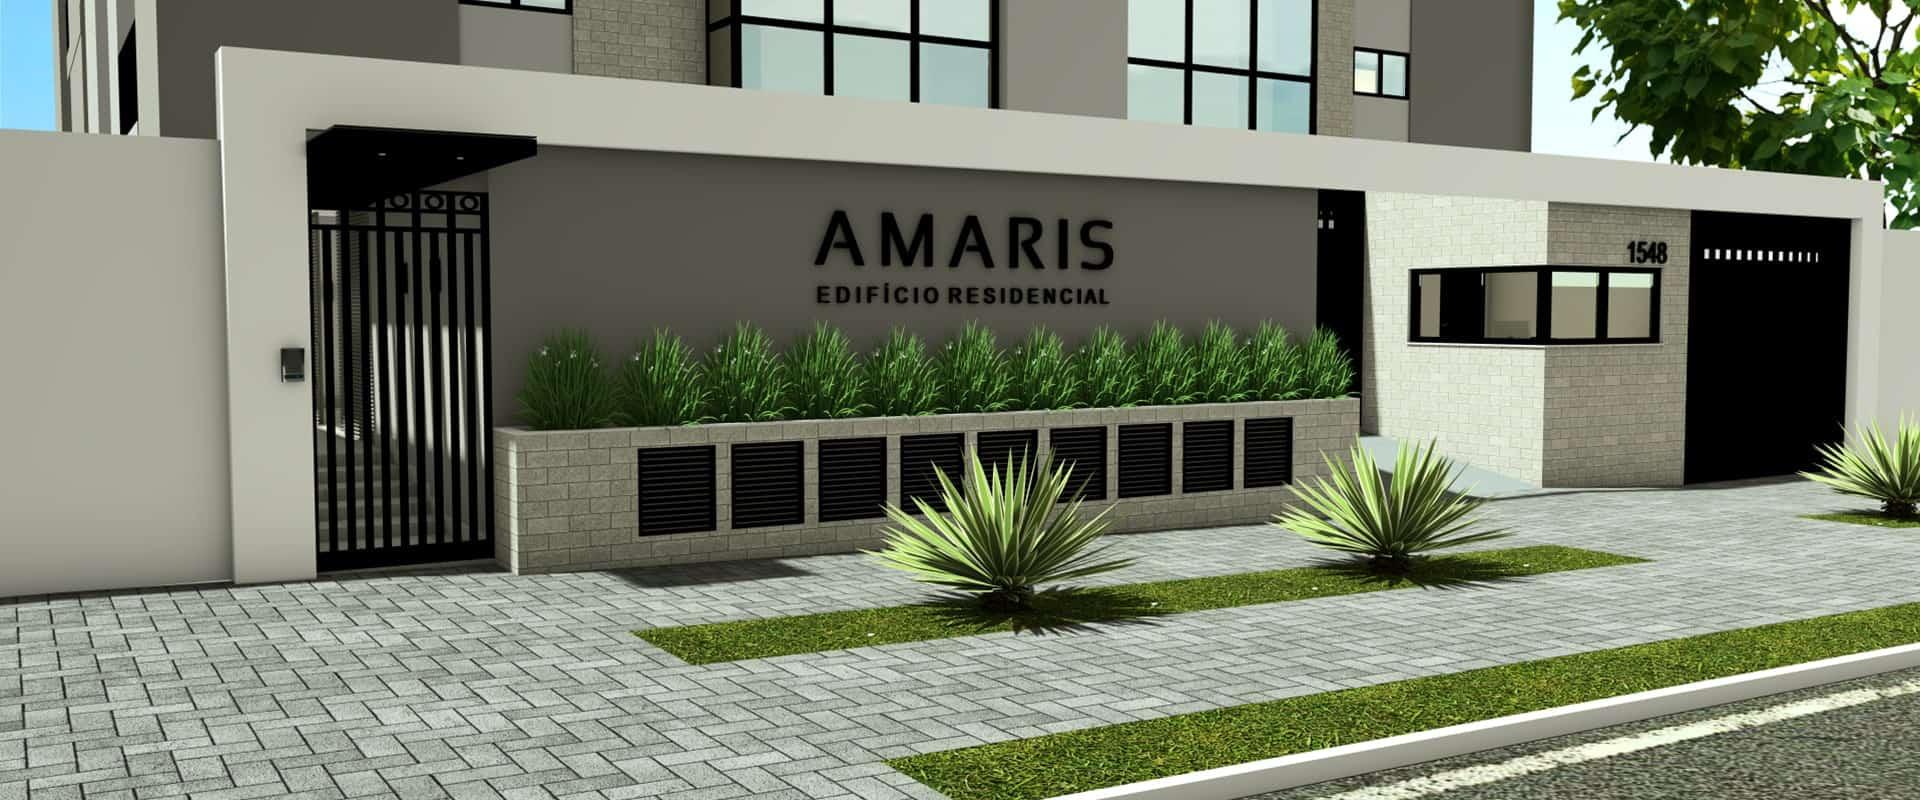 Edificio Amaris Recidencial. Apartamentos de alto padrão na região central de Cacoal